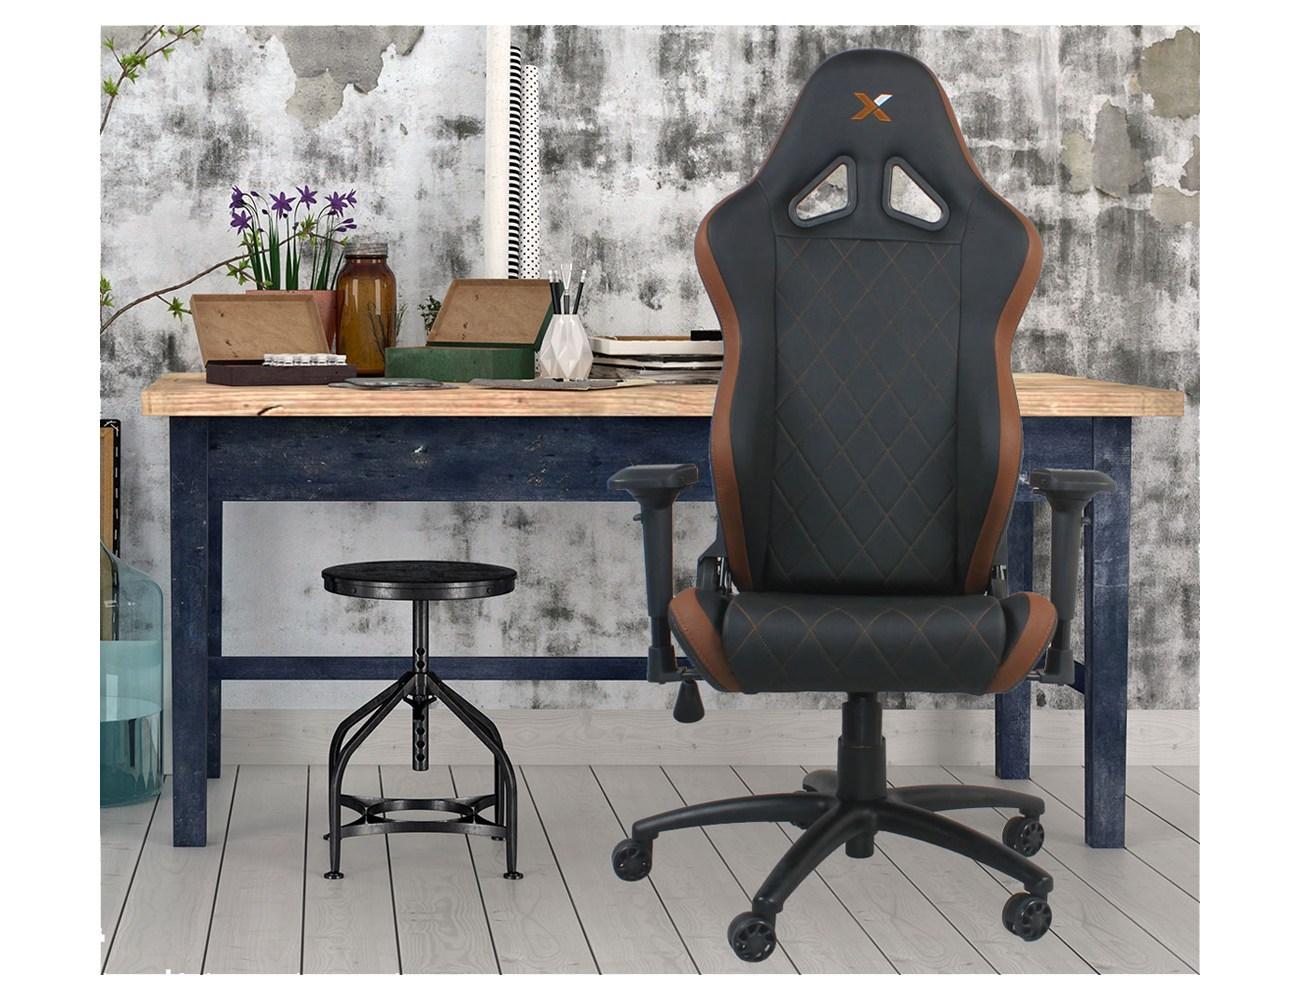 desk chair utm hanging van rapidx ferrino ergonomic  gadget flow